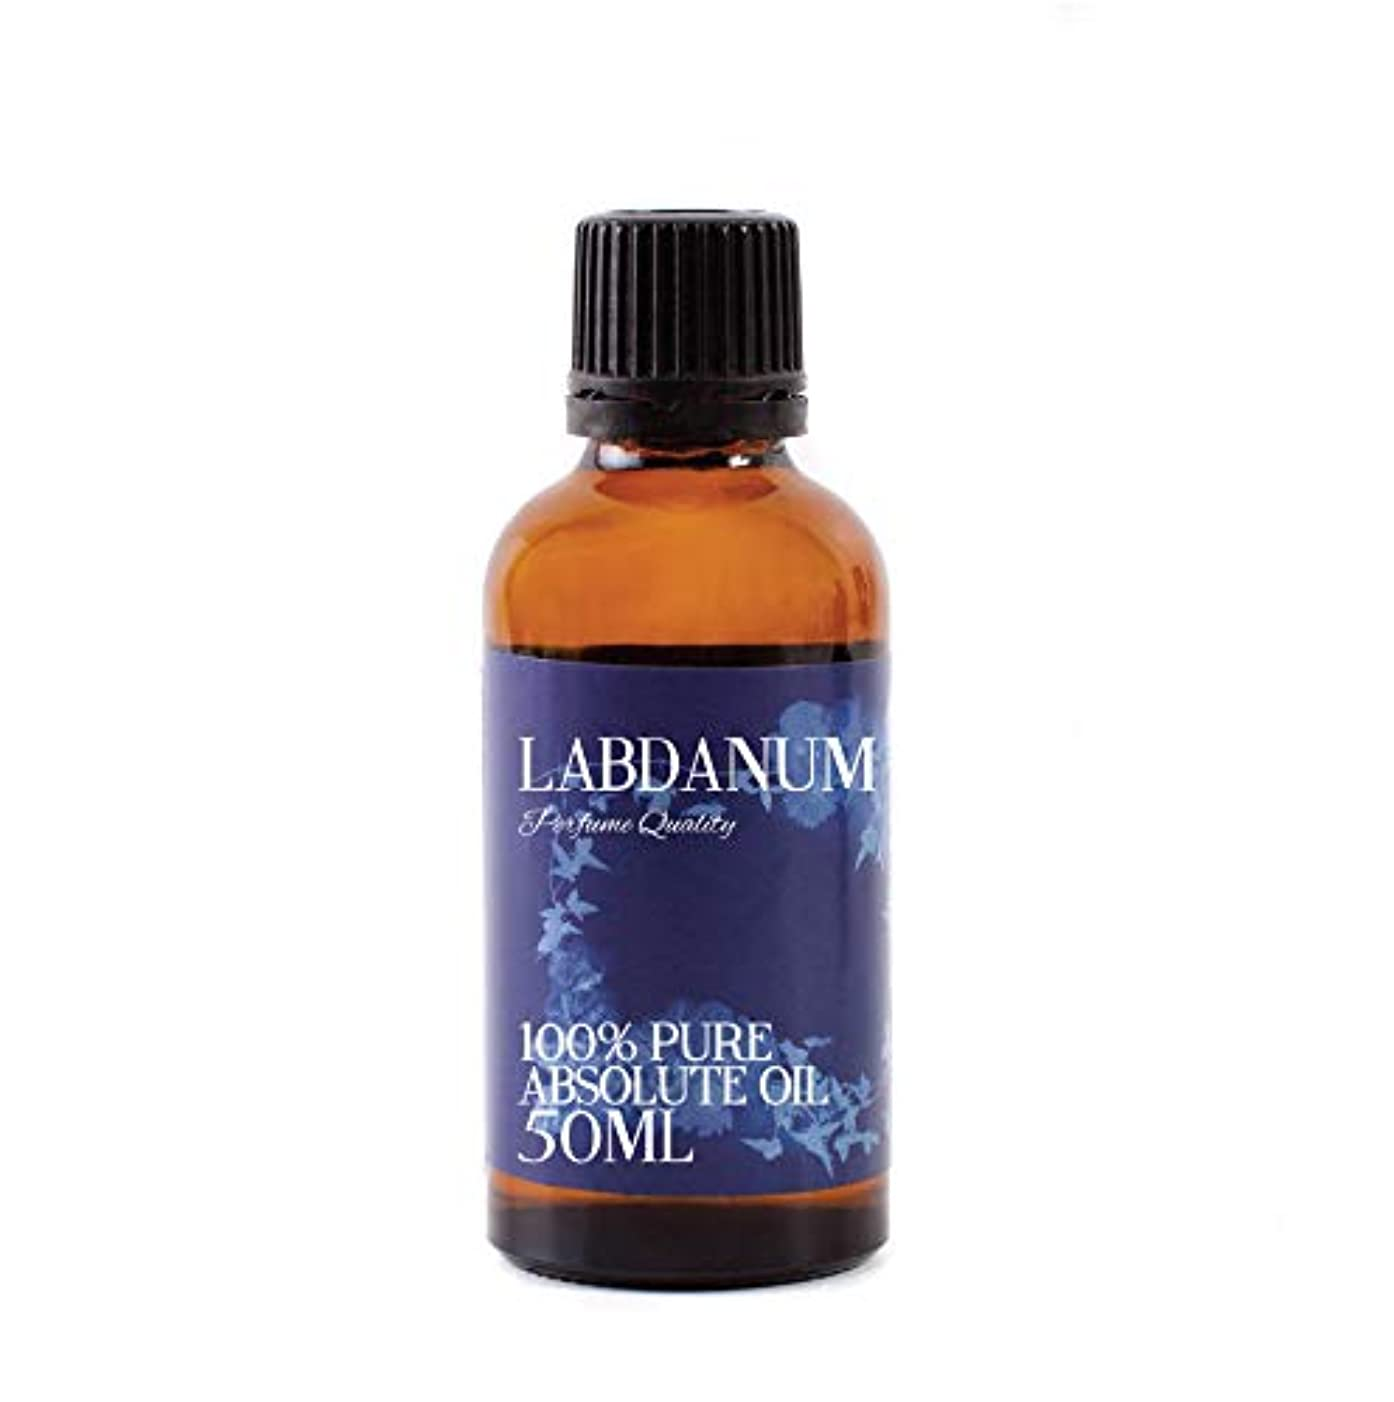 傷跡注目すべきサーキットに行くLabdanum PQ Absolute 50ml - 100% Pure